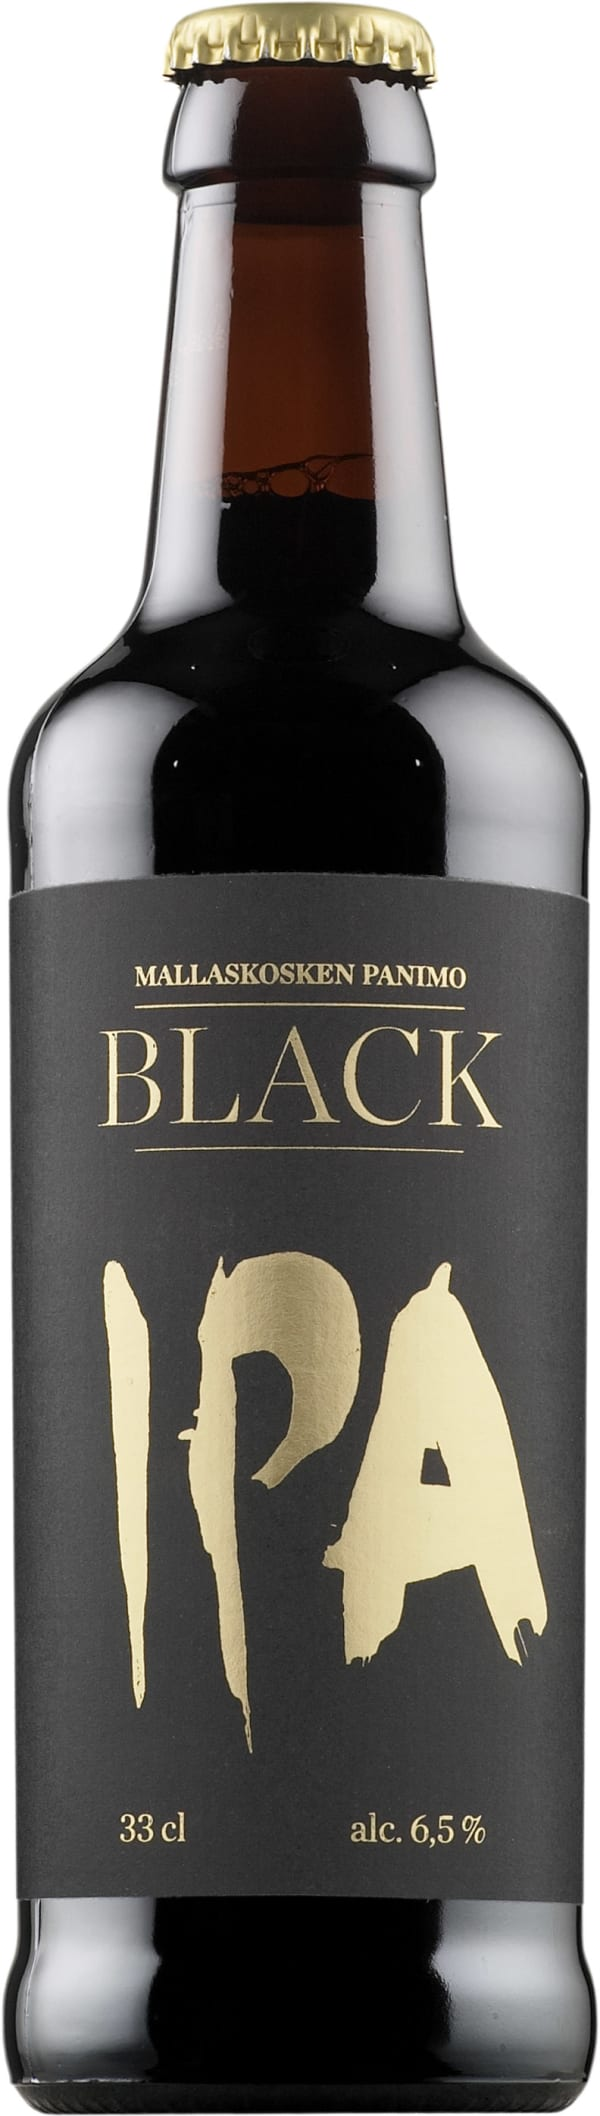 Mallaskosken Panimo Black IPA